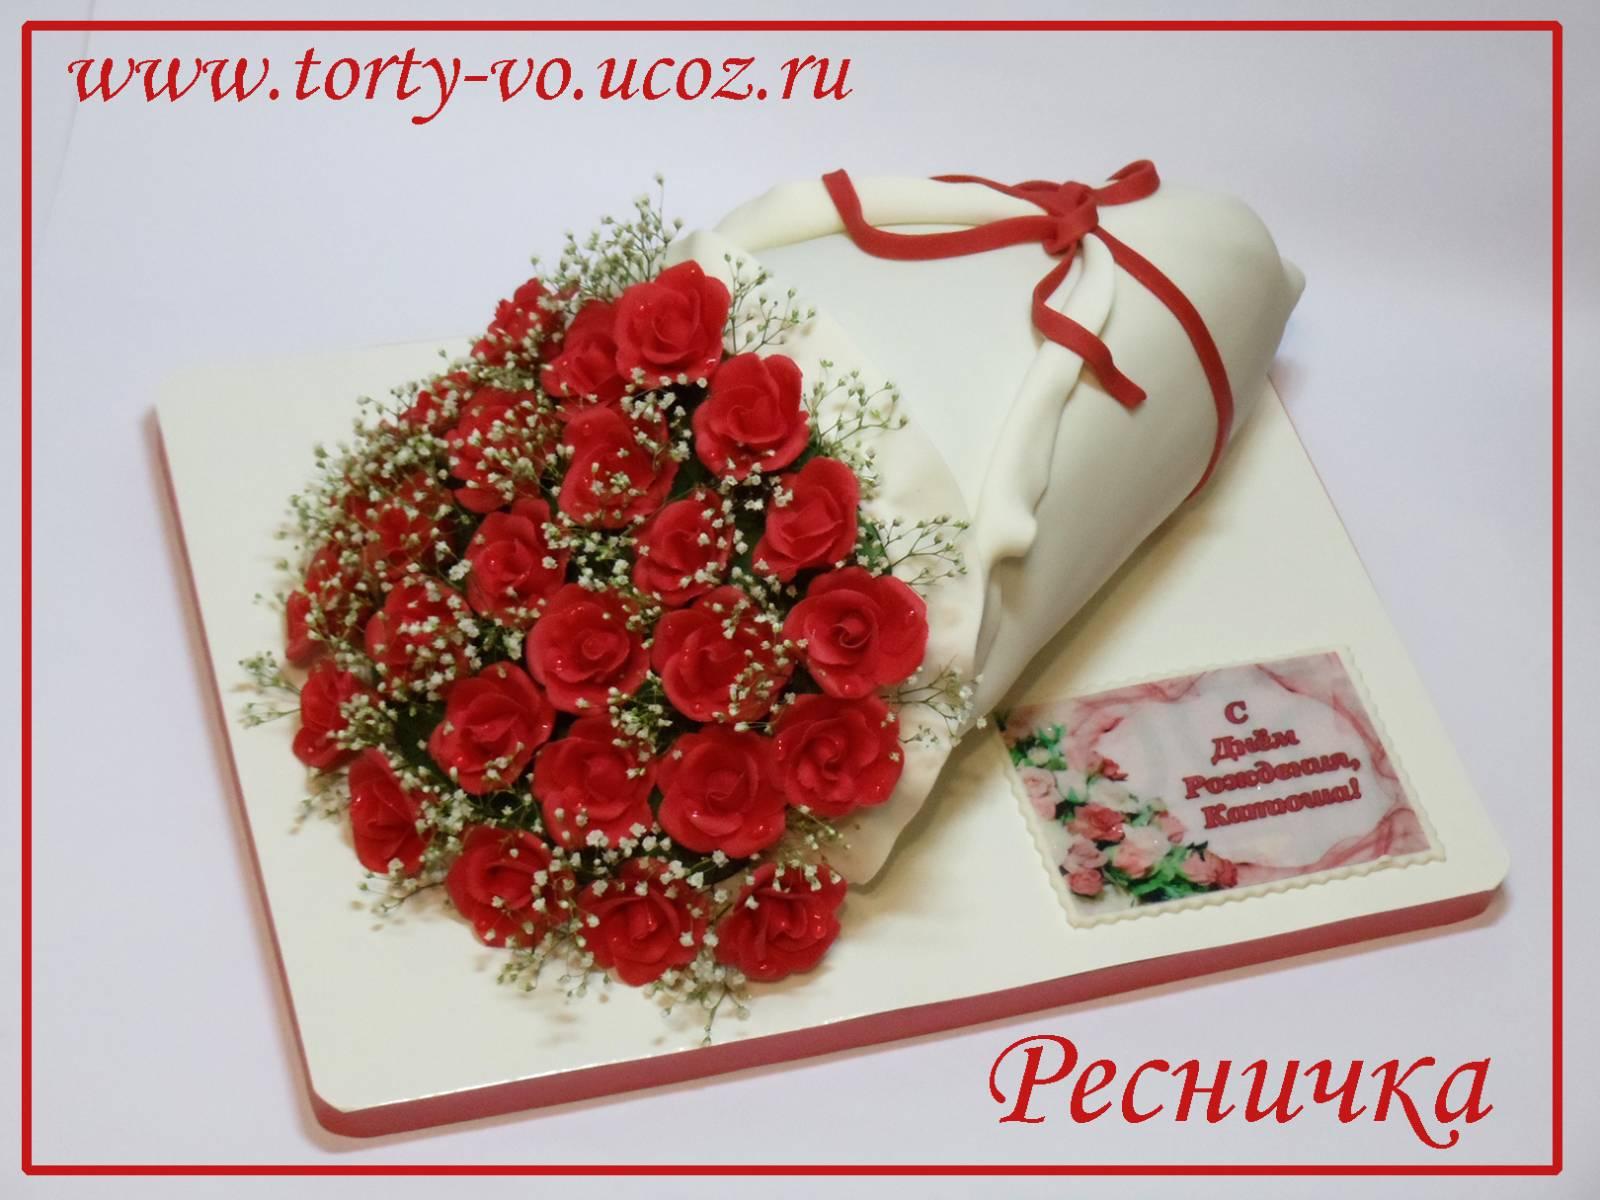 Фото в виде букета цветов